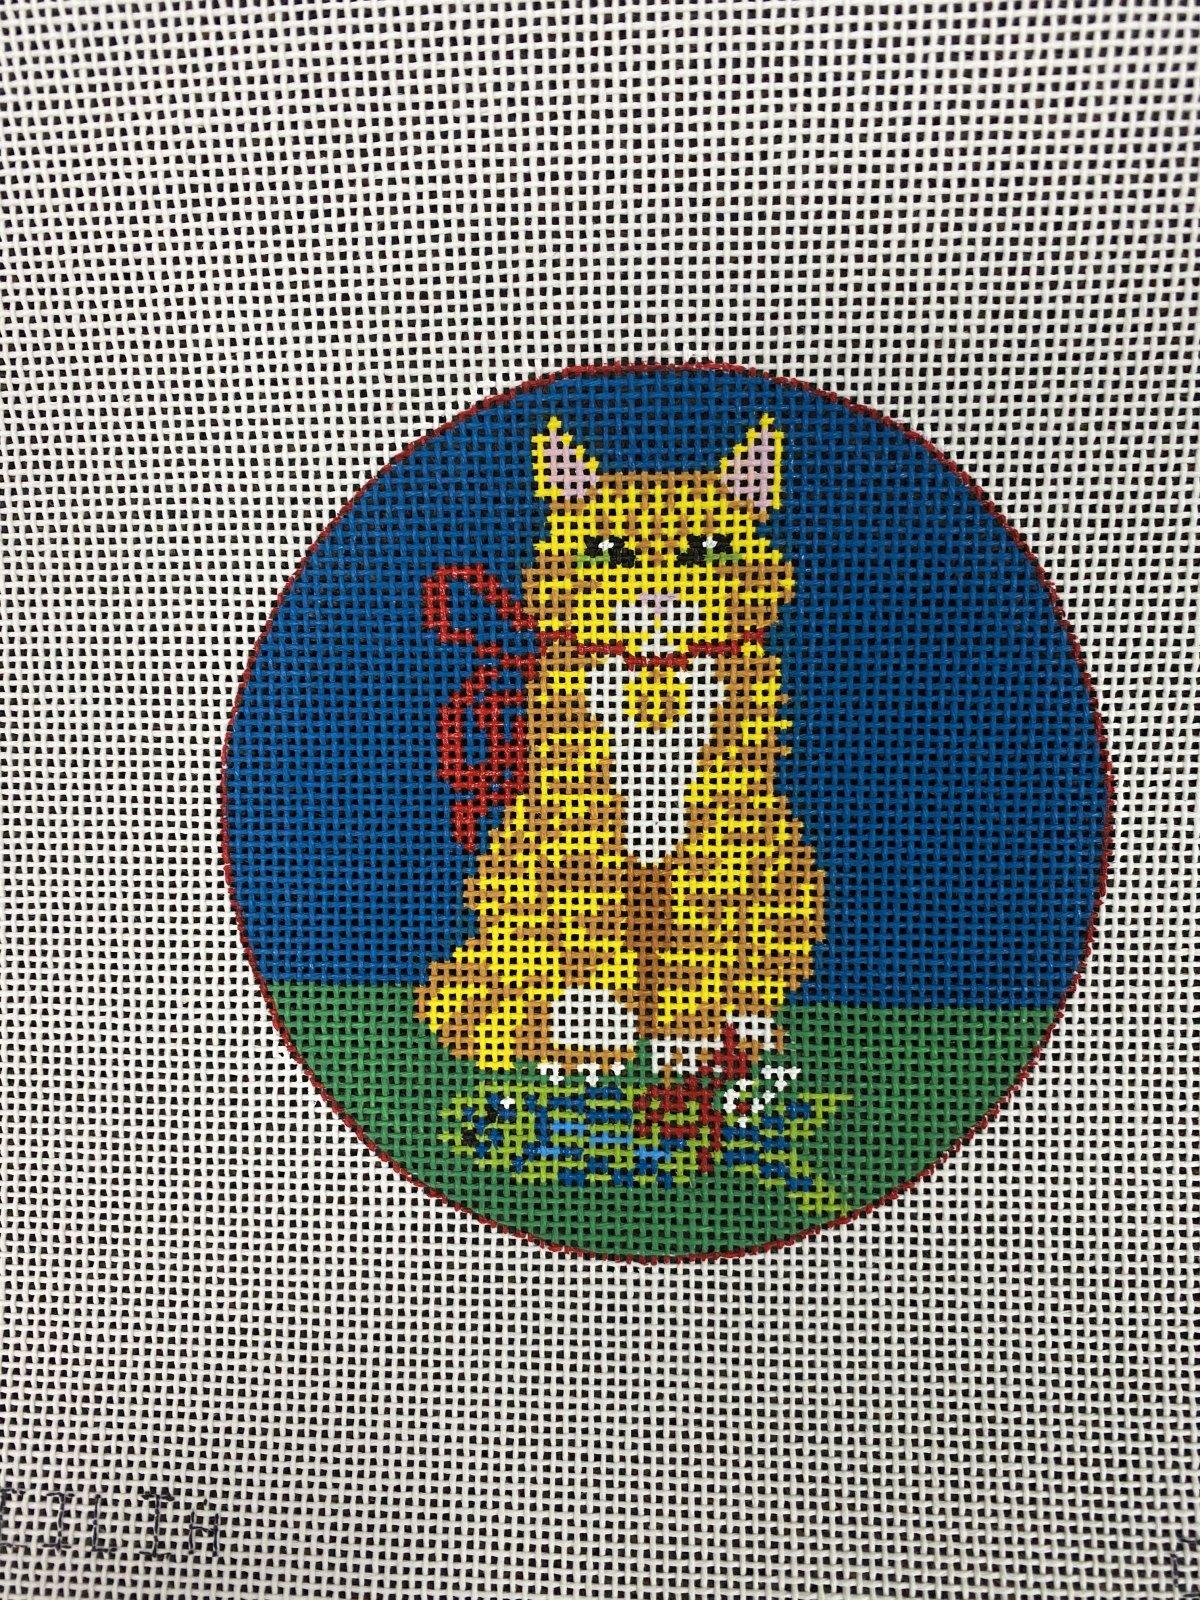 Cat w/ Fish Present, 4R, 18M